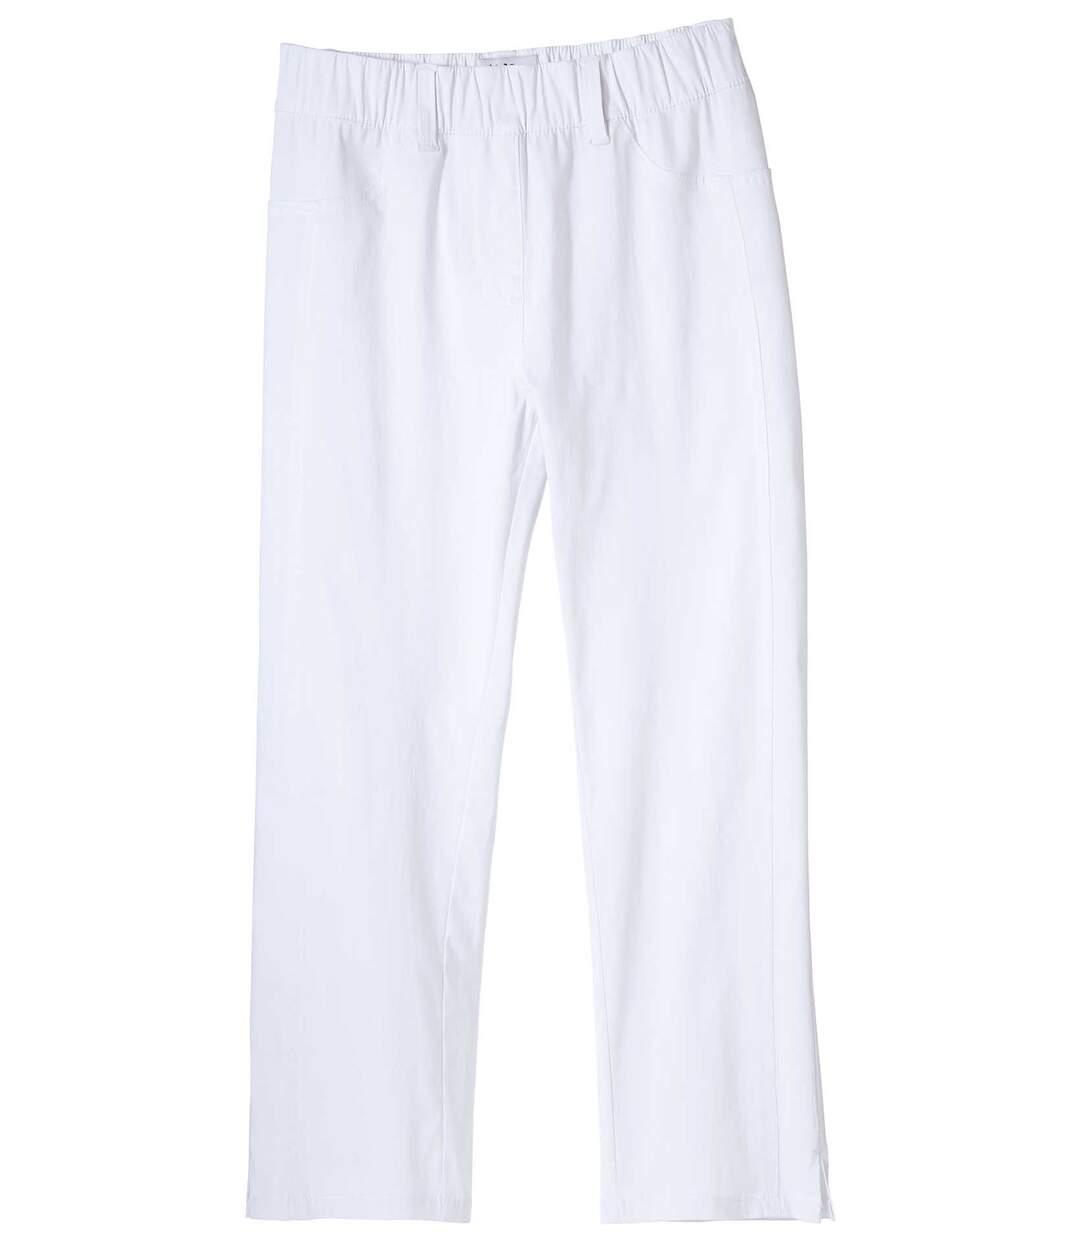 Biele strečové trojštvrťové nohavice